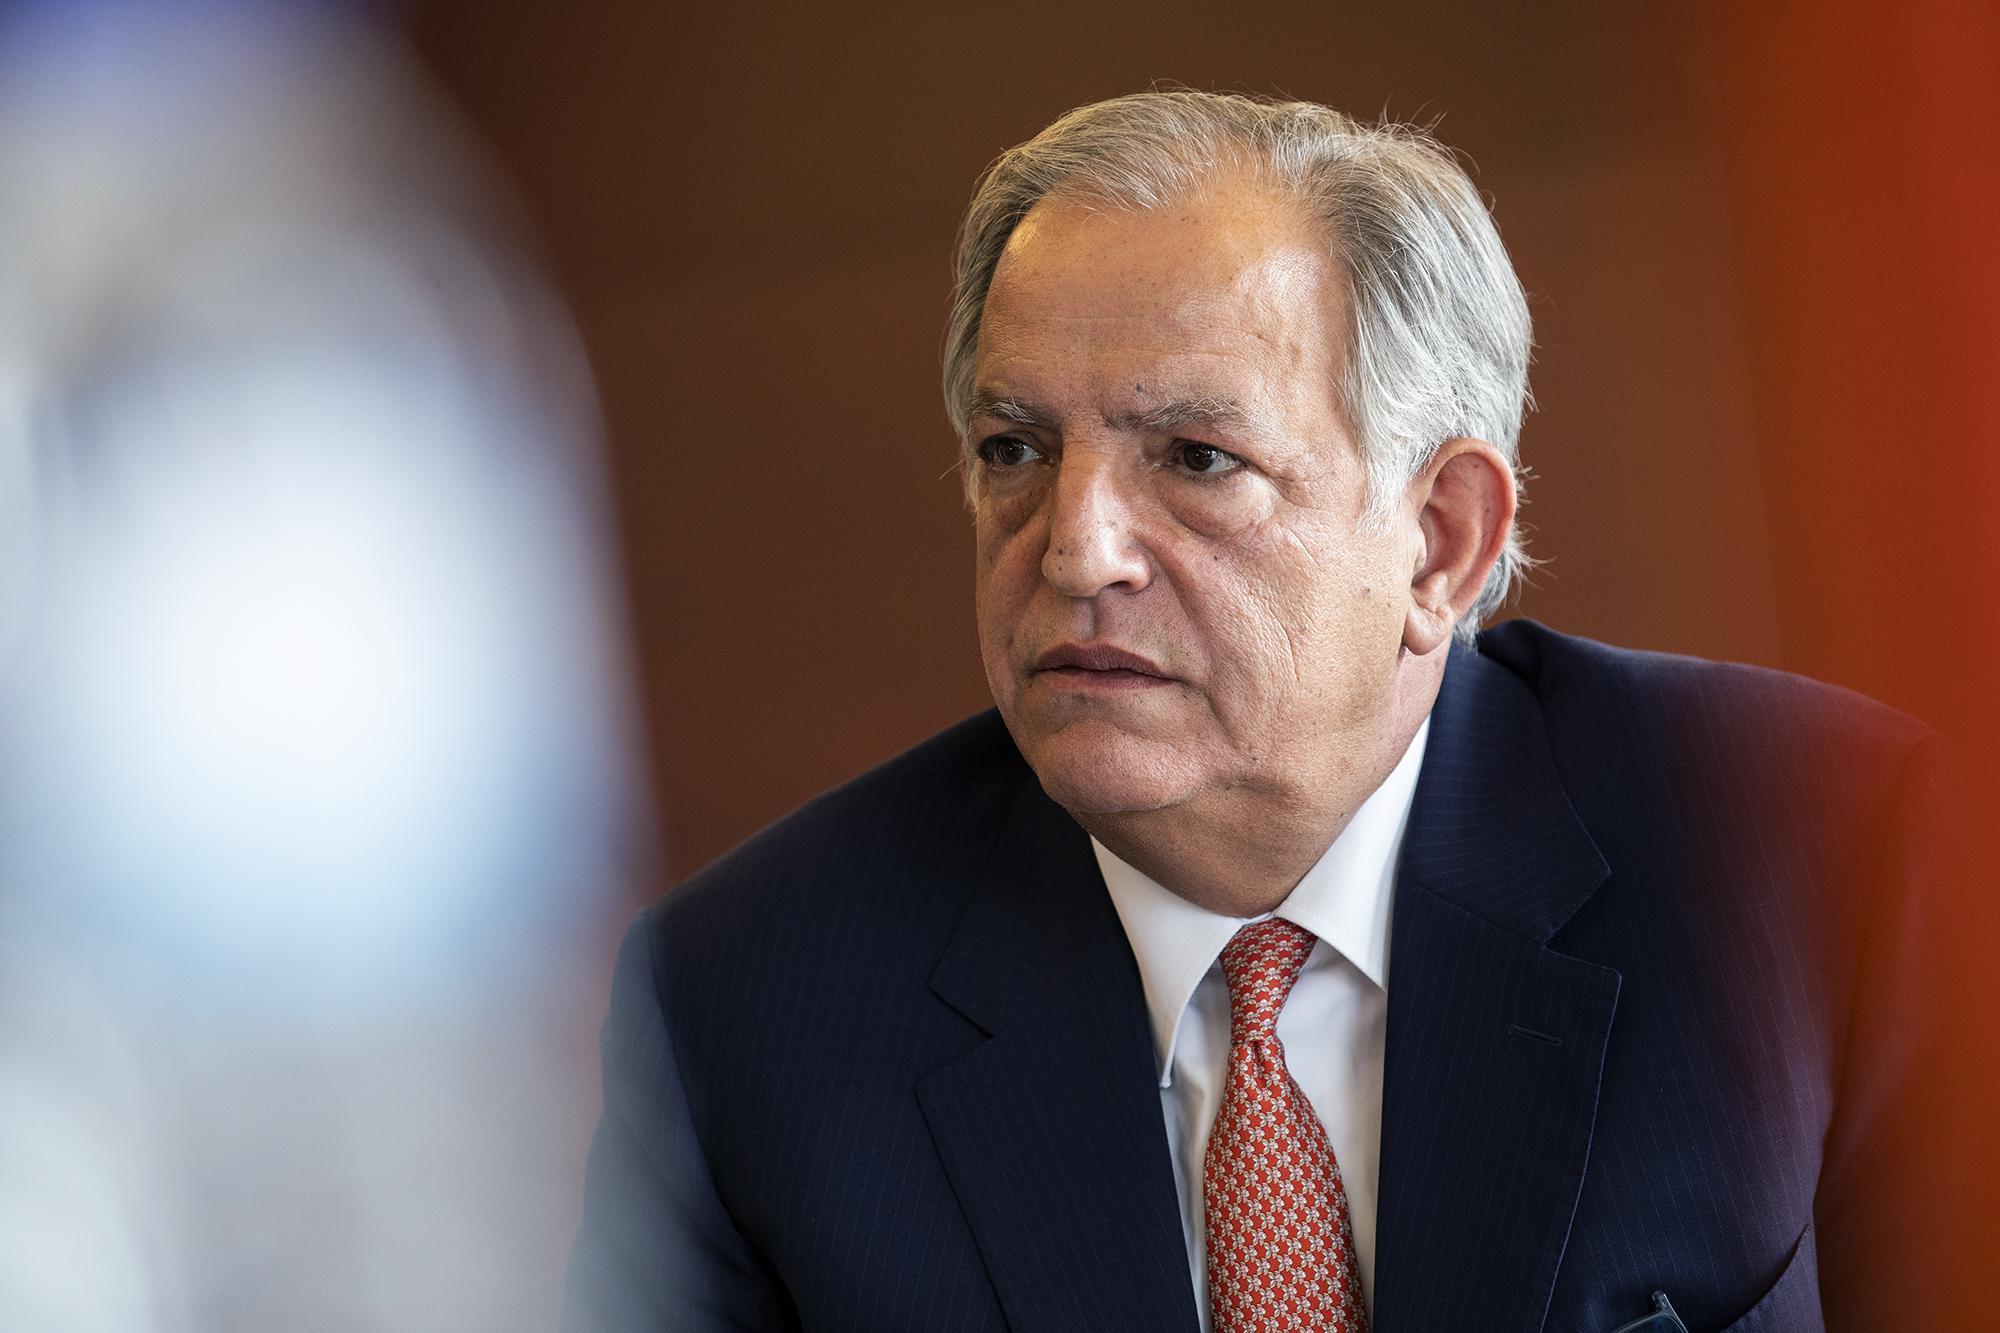 Virgílio Lima, presidente da Associação Mutualista Montepio, em entrevista ao ECO - 13MAI21